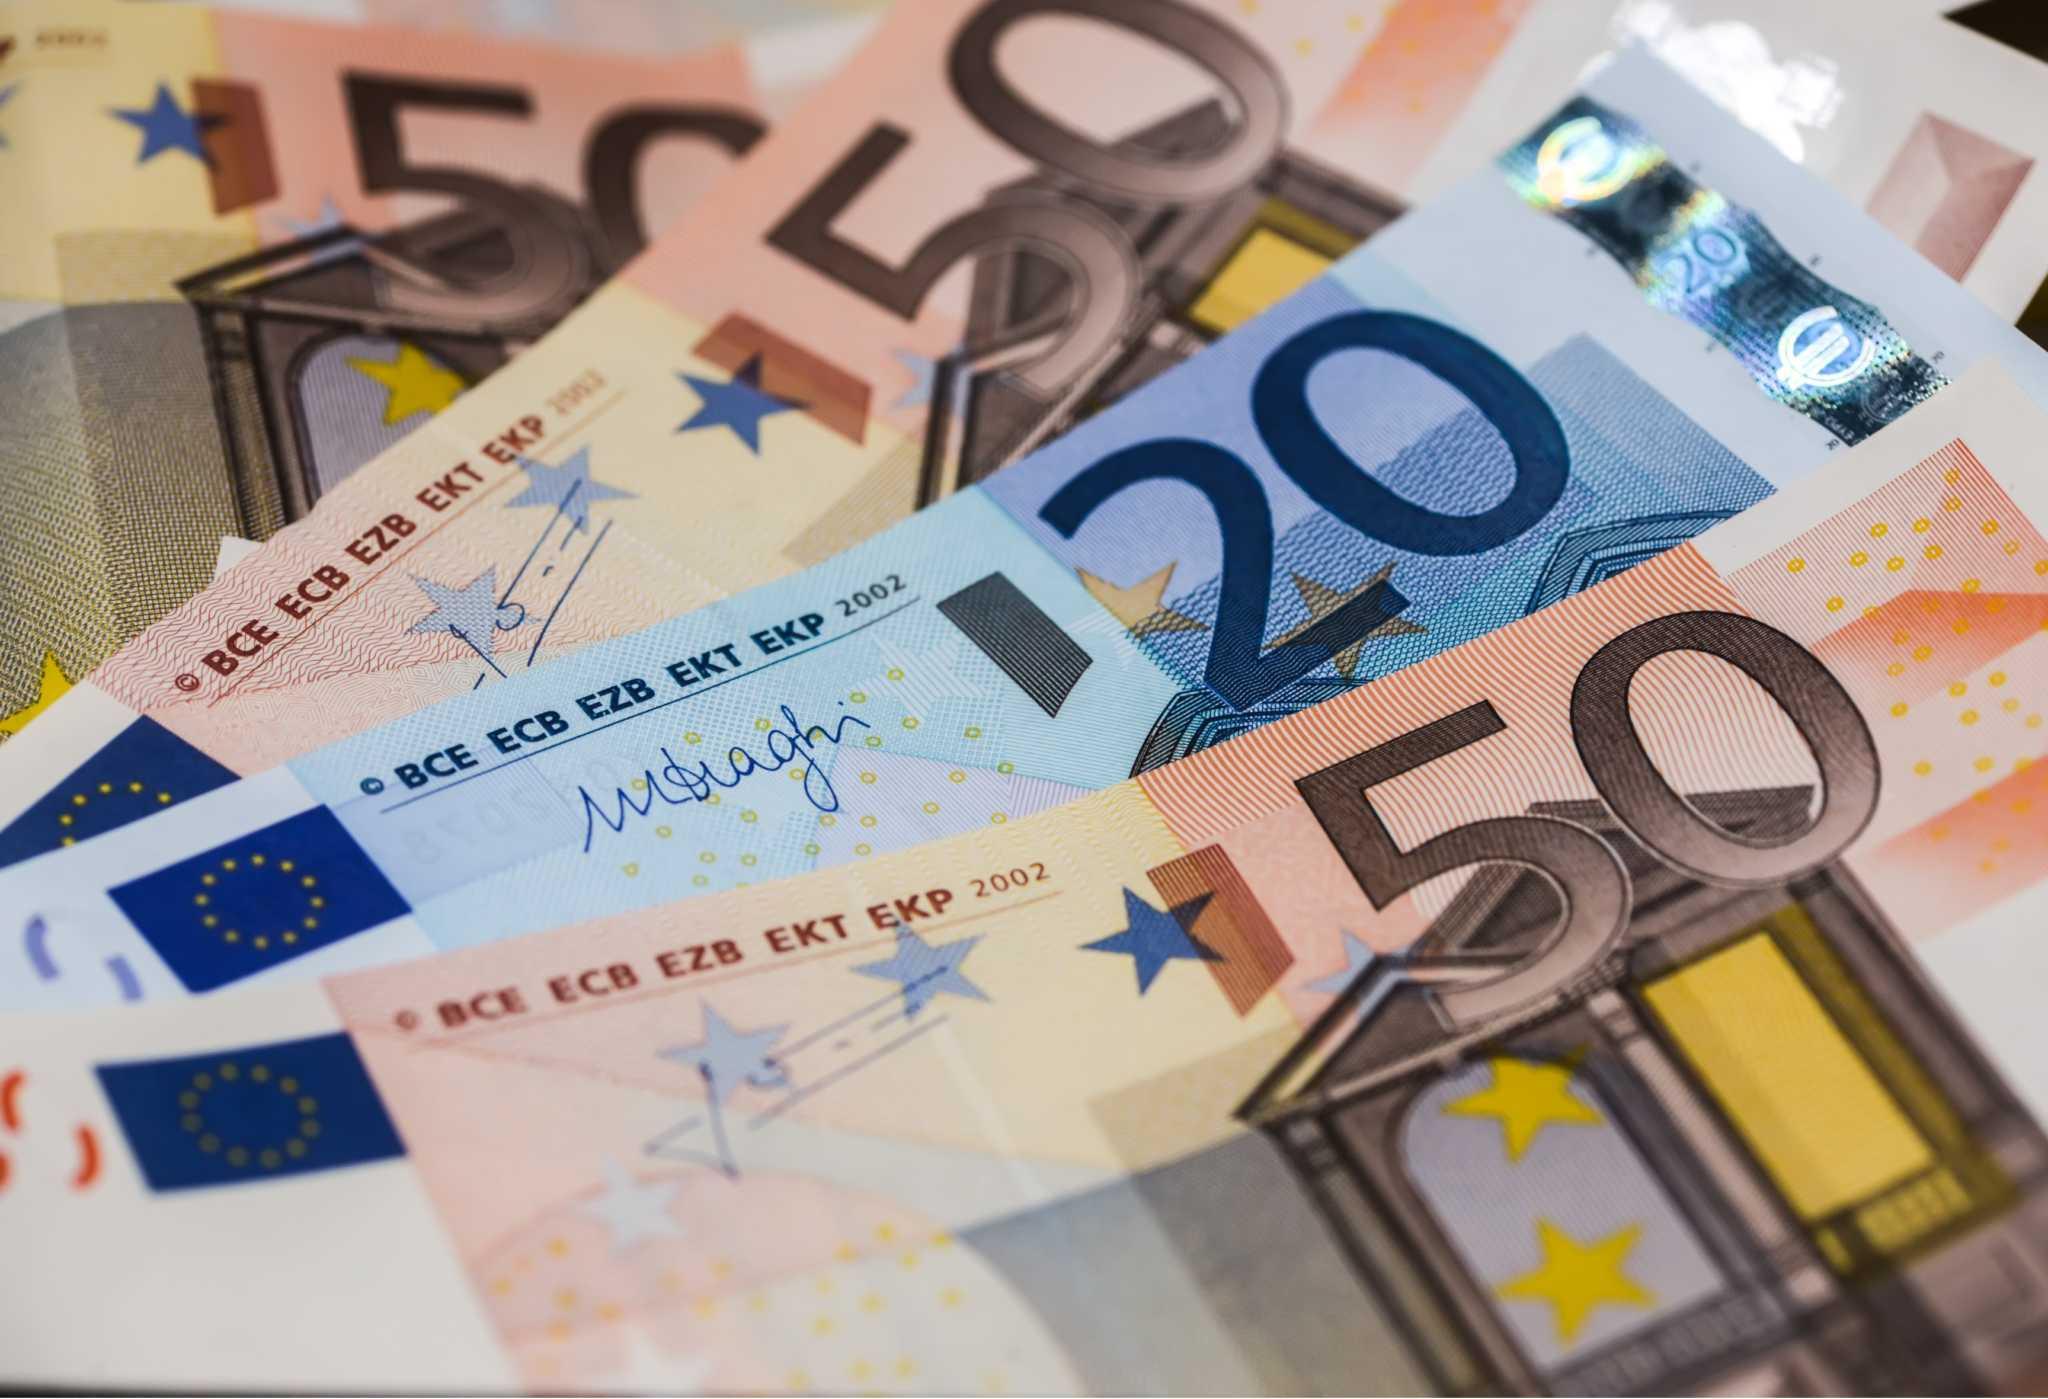 ΟΑΕΔ: 70.000 πληρωμές της έκτακτης ενίσχυσης των 400 ευρώ την πρώτη εβδομάδα λειτουργίας της πλατφόρμας